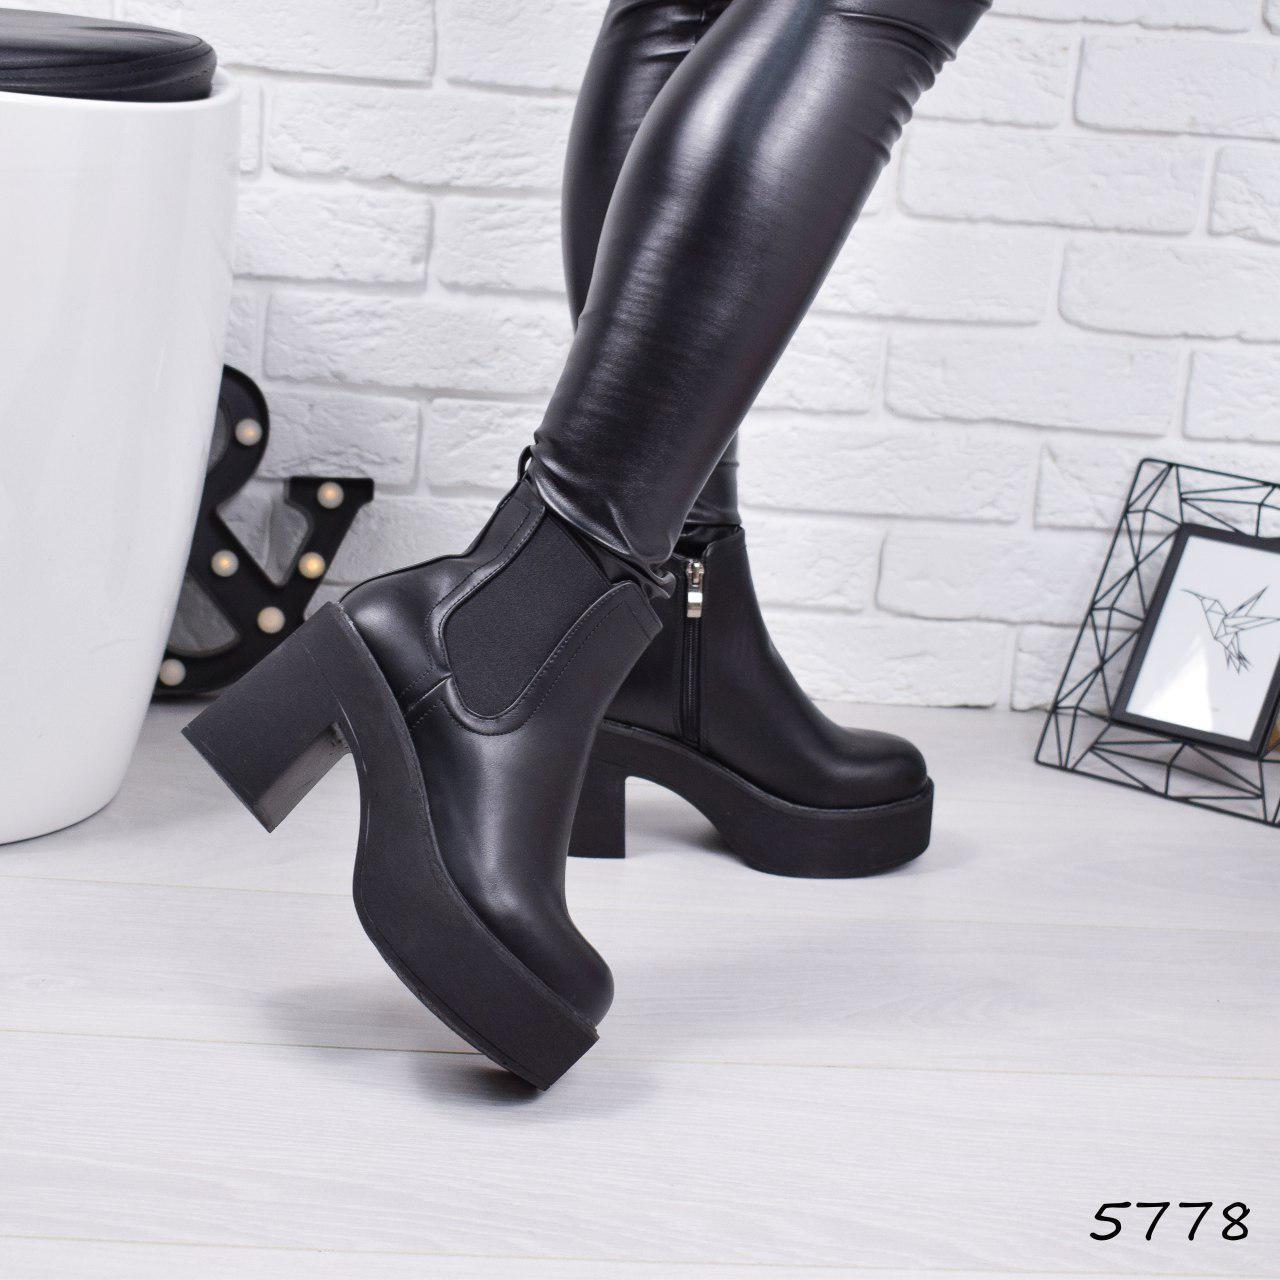 """Ботинки, ботильоны черные """"Velington"""" эко кожа, повседневная, демисезонная, осенняя, женская обувь"""